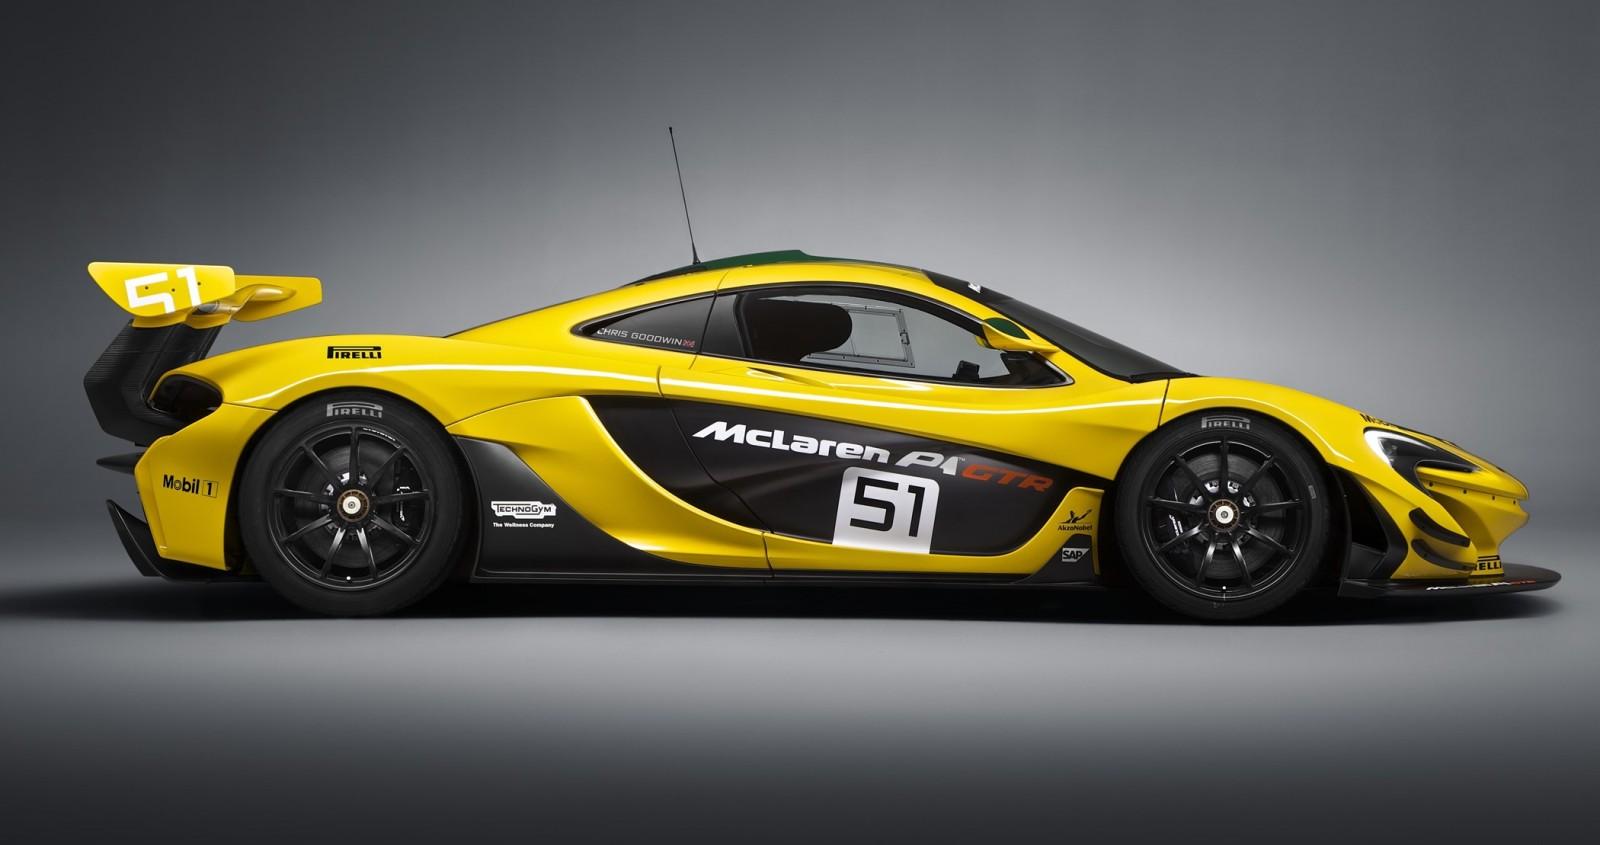 2016 McLaren P1 GTR Yellow 3